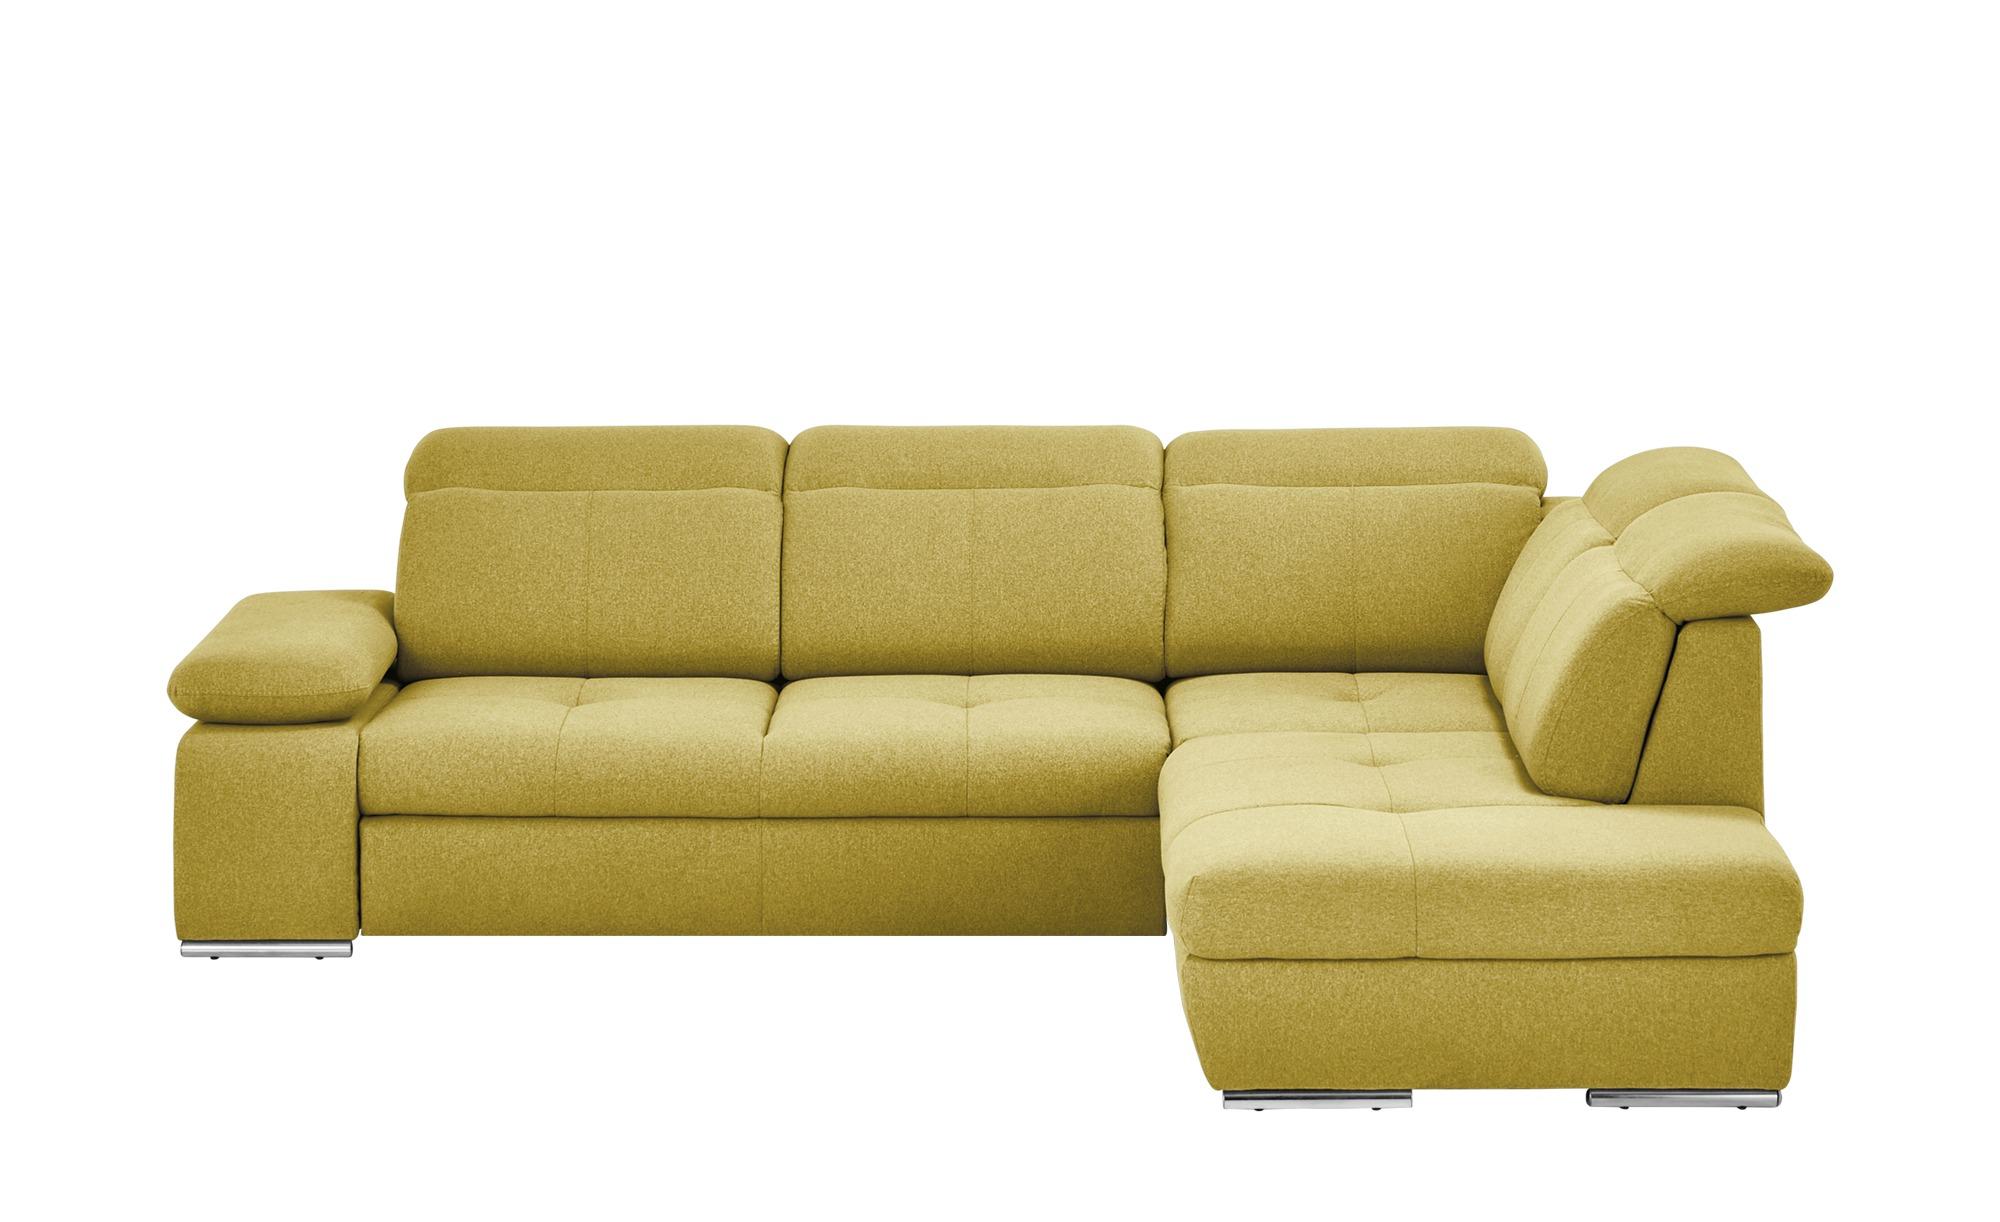 switch Ecksofa gelb - Webstoff Avilla ¦ gelb ¦ Maße (cm): H: 86 Polstermöbel > Sofas > Ecksofas - Höffner